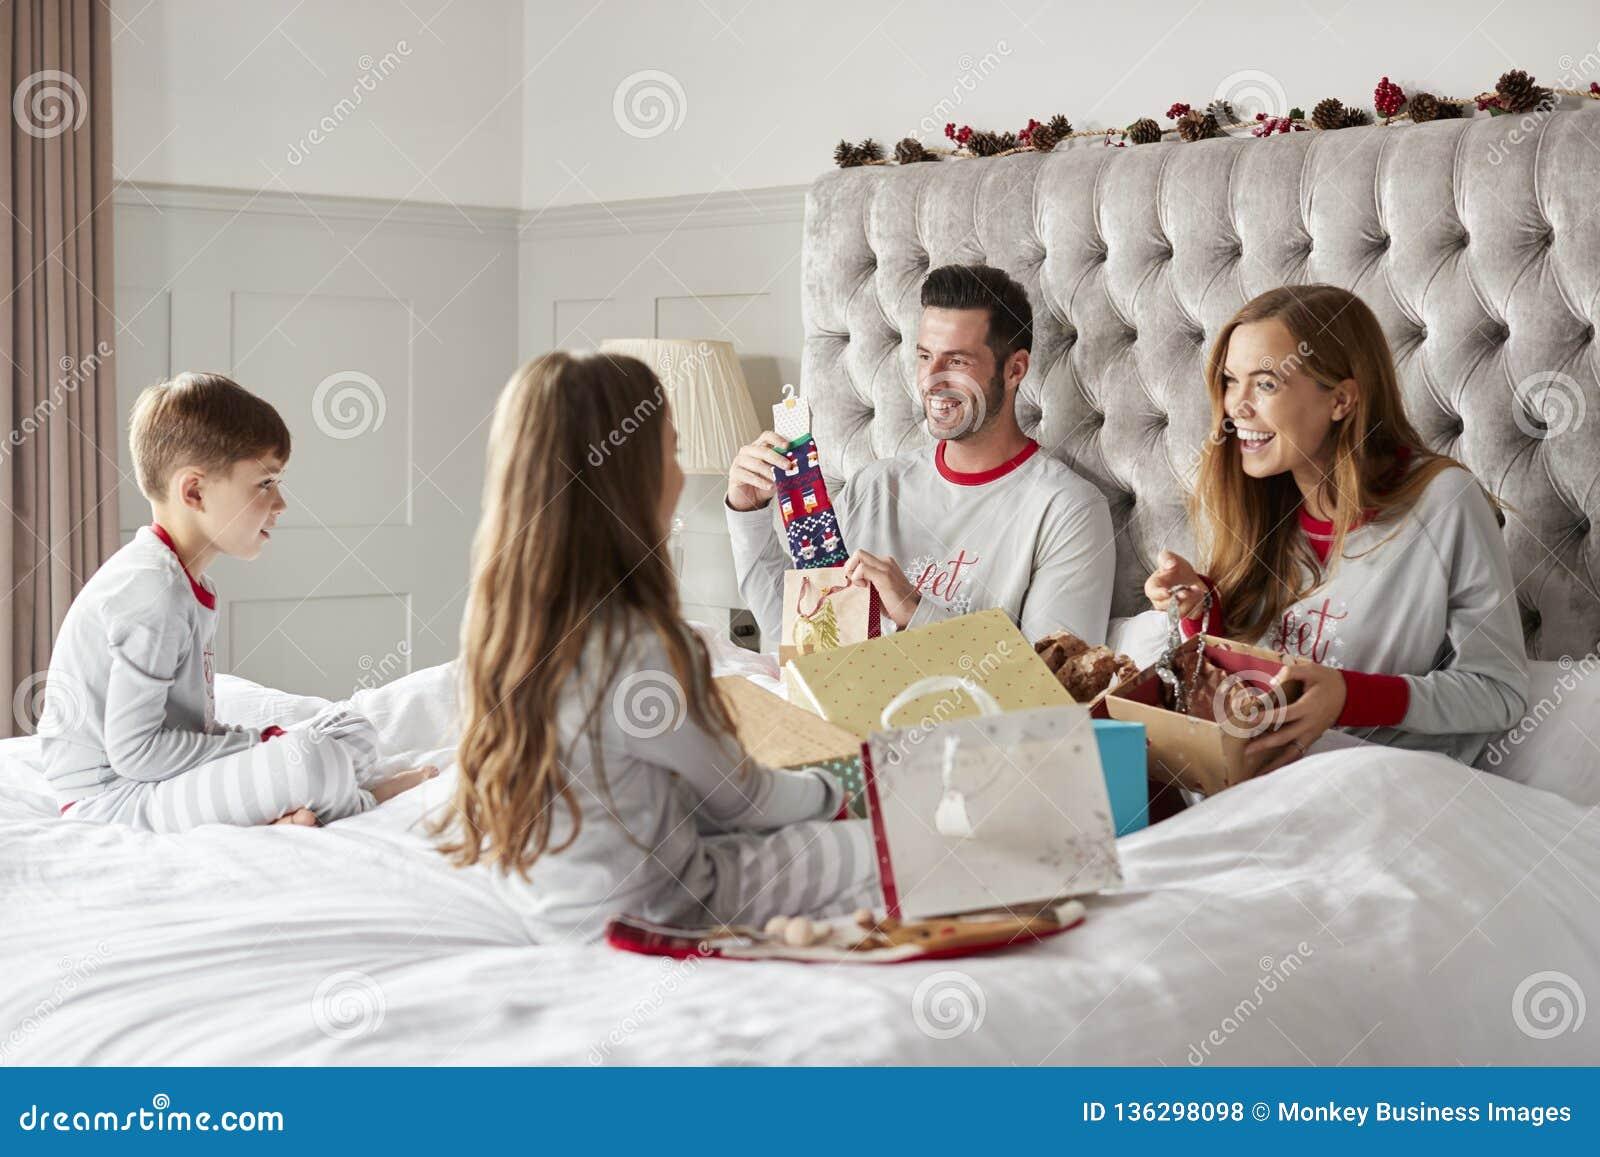 Padres que abren los regalos de niños como ellos Sit On Bed Exchanging Present el día de la Navidad